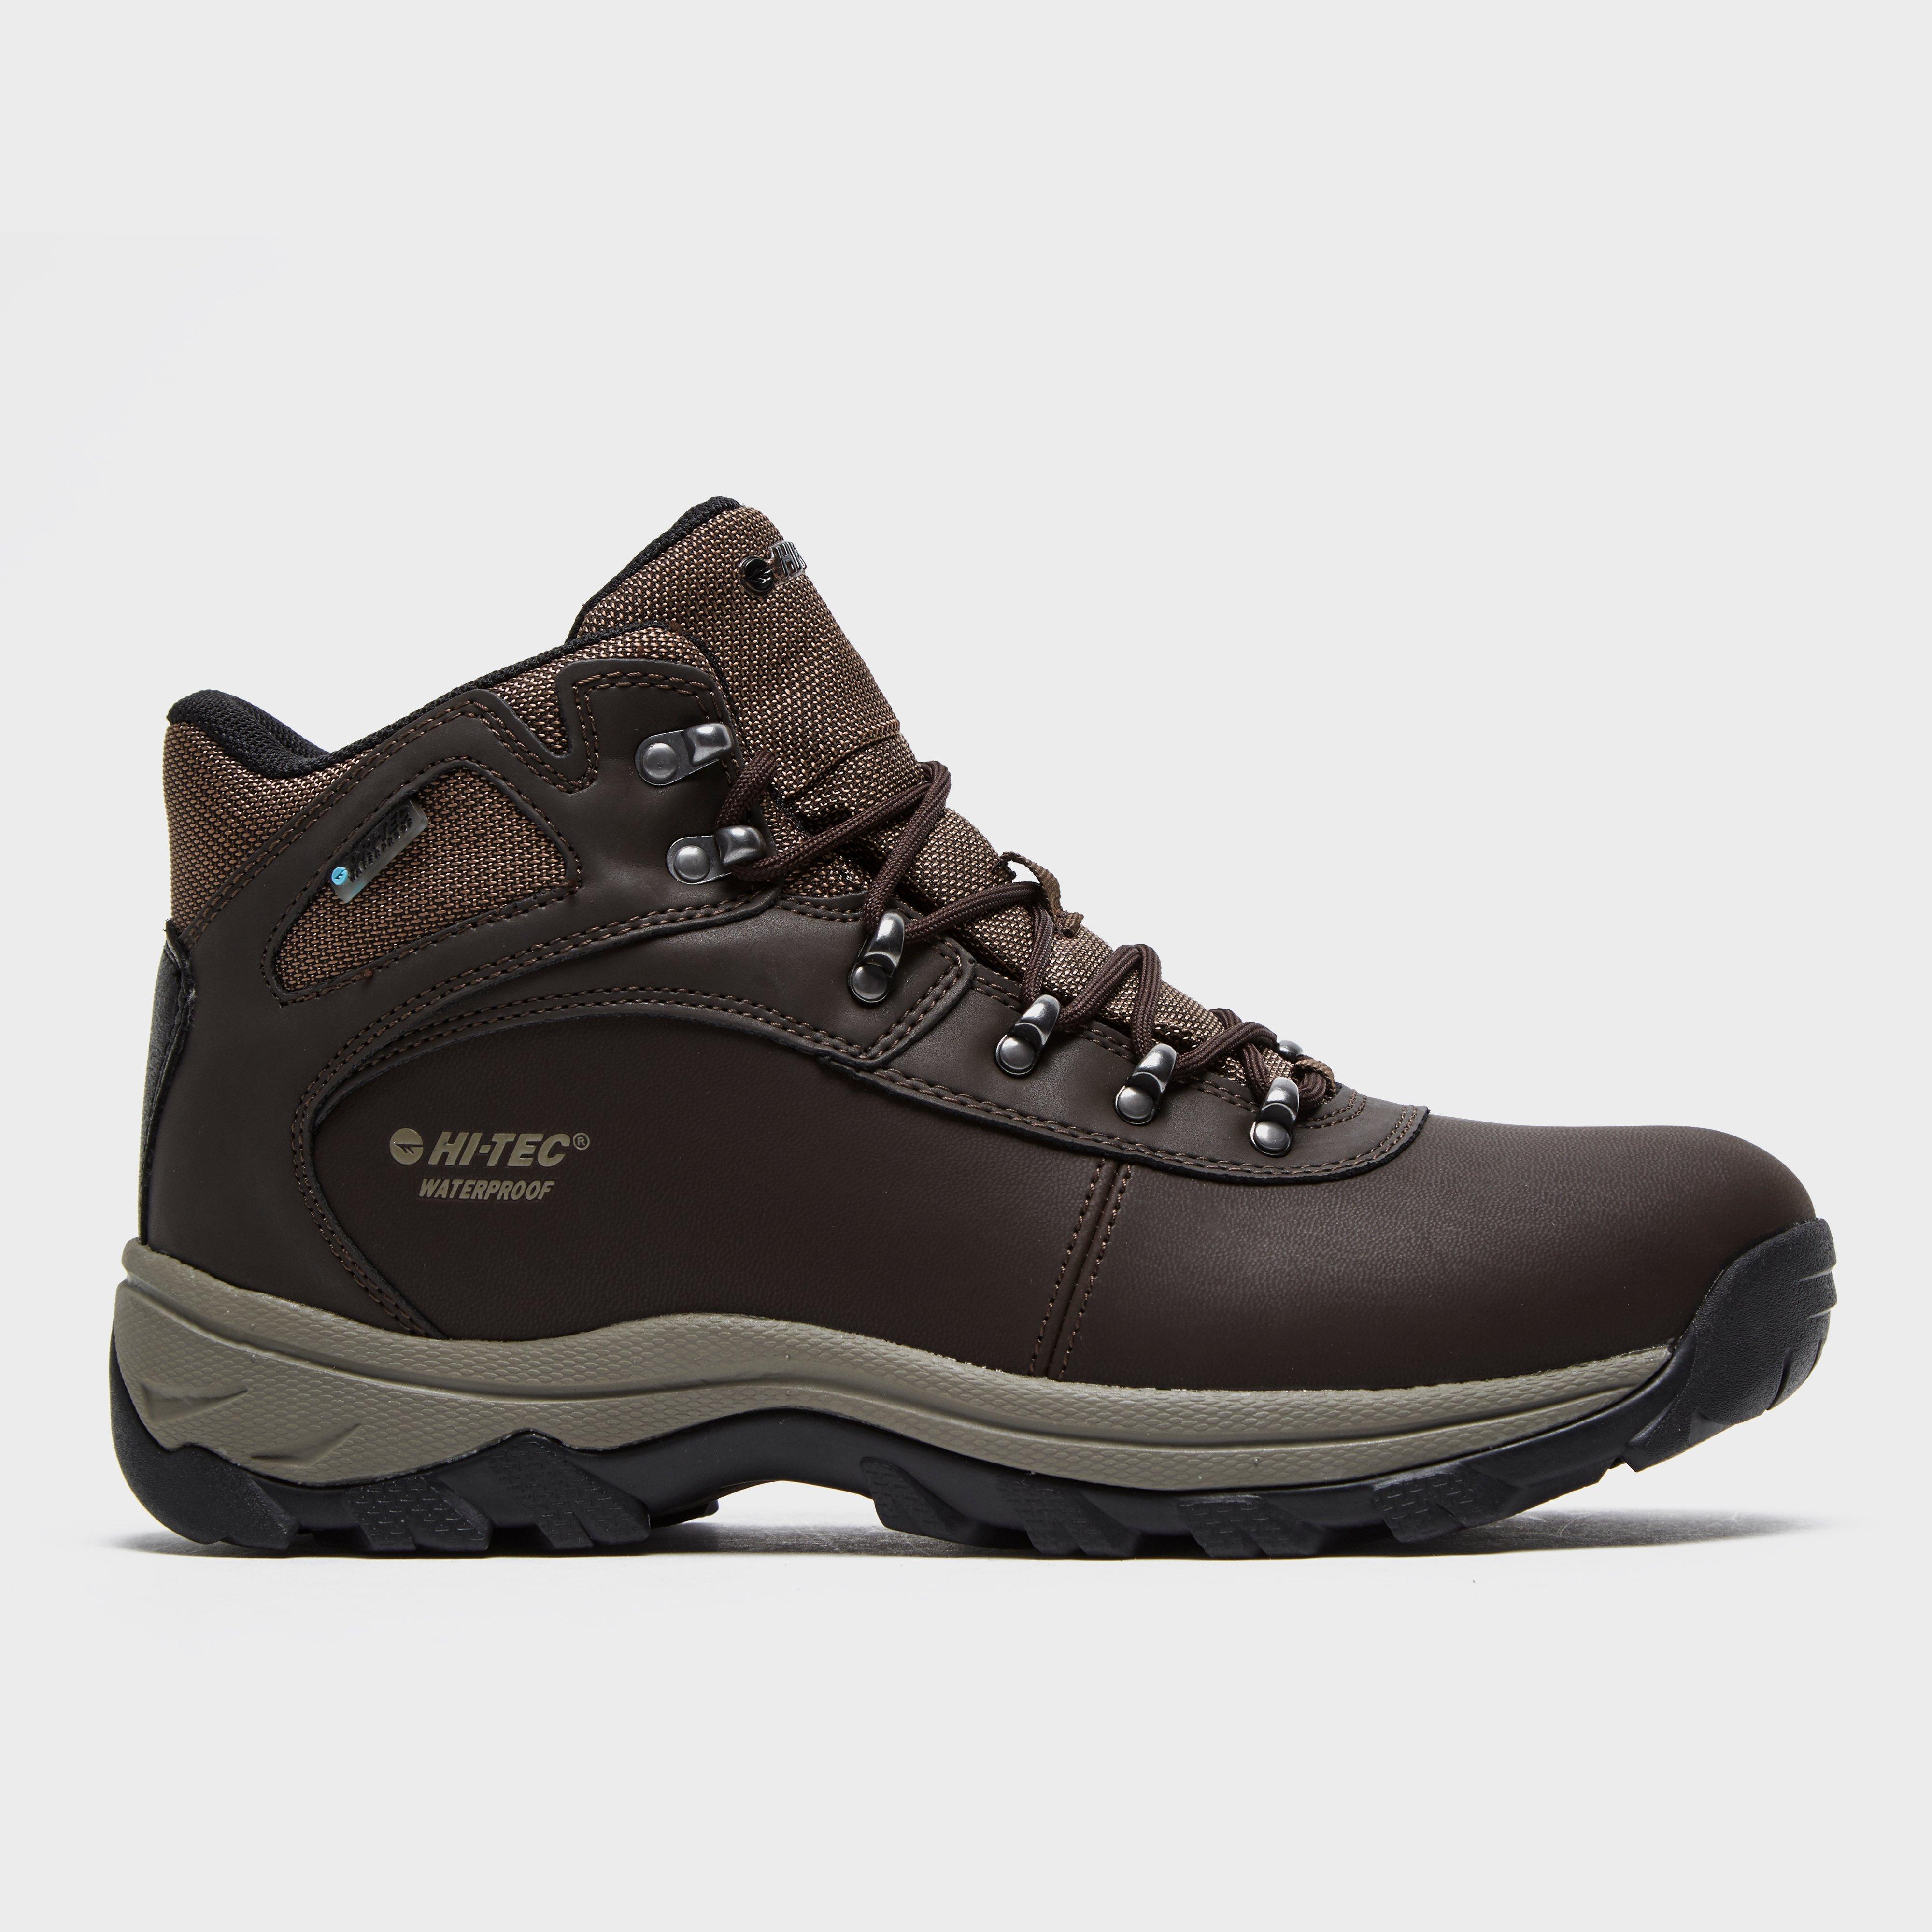 Hi Tec Hi Tec Mens Altitude Basecamp Walking Boot - Brown, Brown